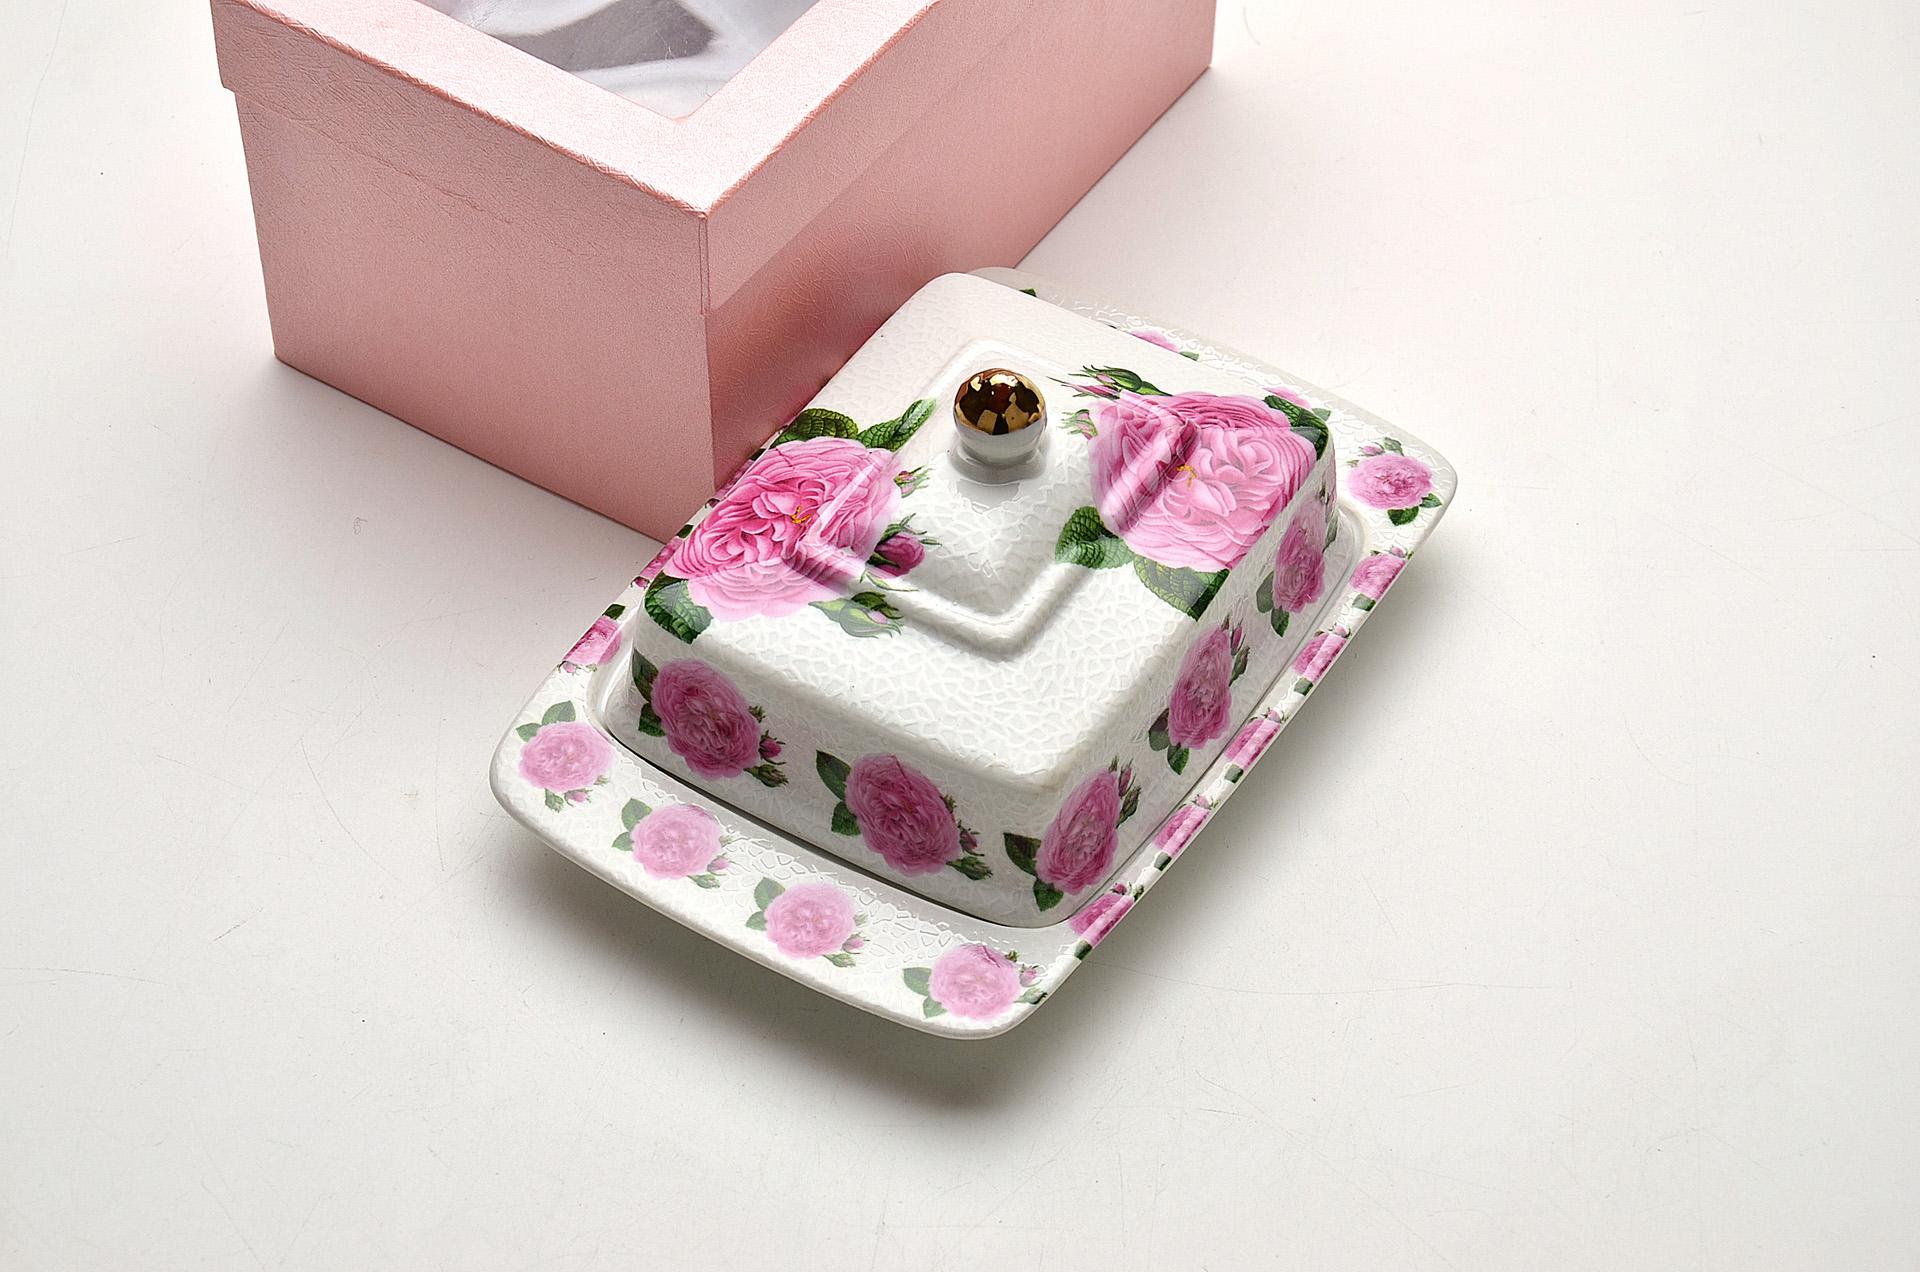 Масленка Loraine Розы21095Масленка Loraine Розы, выполненная из высококачественной керамики в виде подноса с крышкой, станет не заменимым помощником на вашей кухне.Изделие оформлено яркими изображениями цветов и имеет изысканный внешний вид.Масленка предназначена для красивой сервировки стола и хранения масла.Изделие упаковано в подарочную коробку с атласной подложкой. Размер подноса: 20 см х 13,5 см х 2 см.Высота масленки (с учетом крышки): 9,5 см.